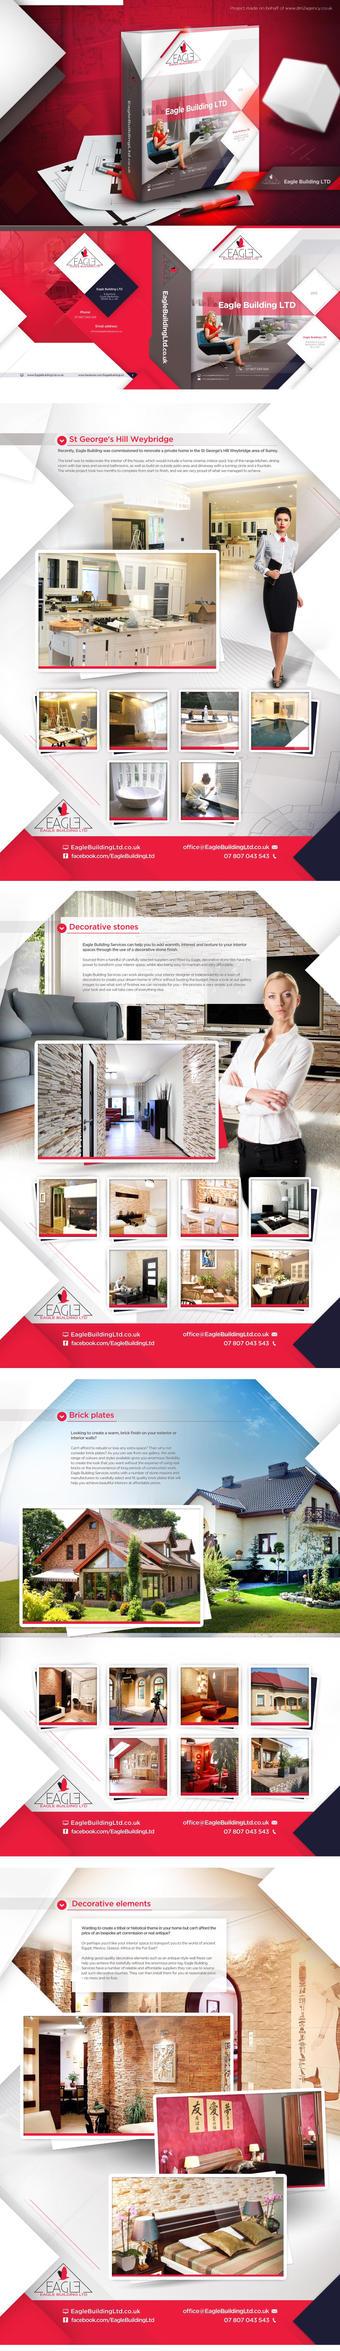 Eagle Building LTD  - binder by webdesigner1921